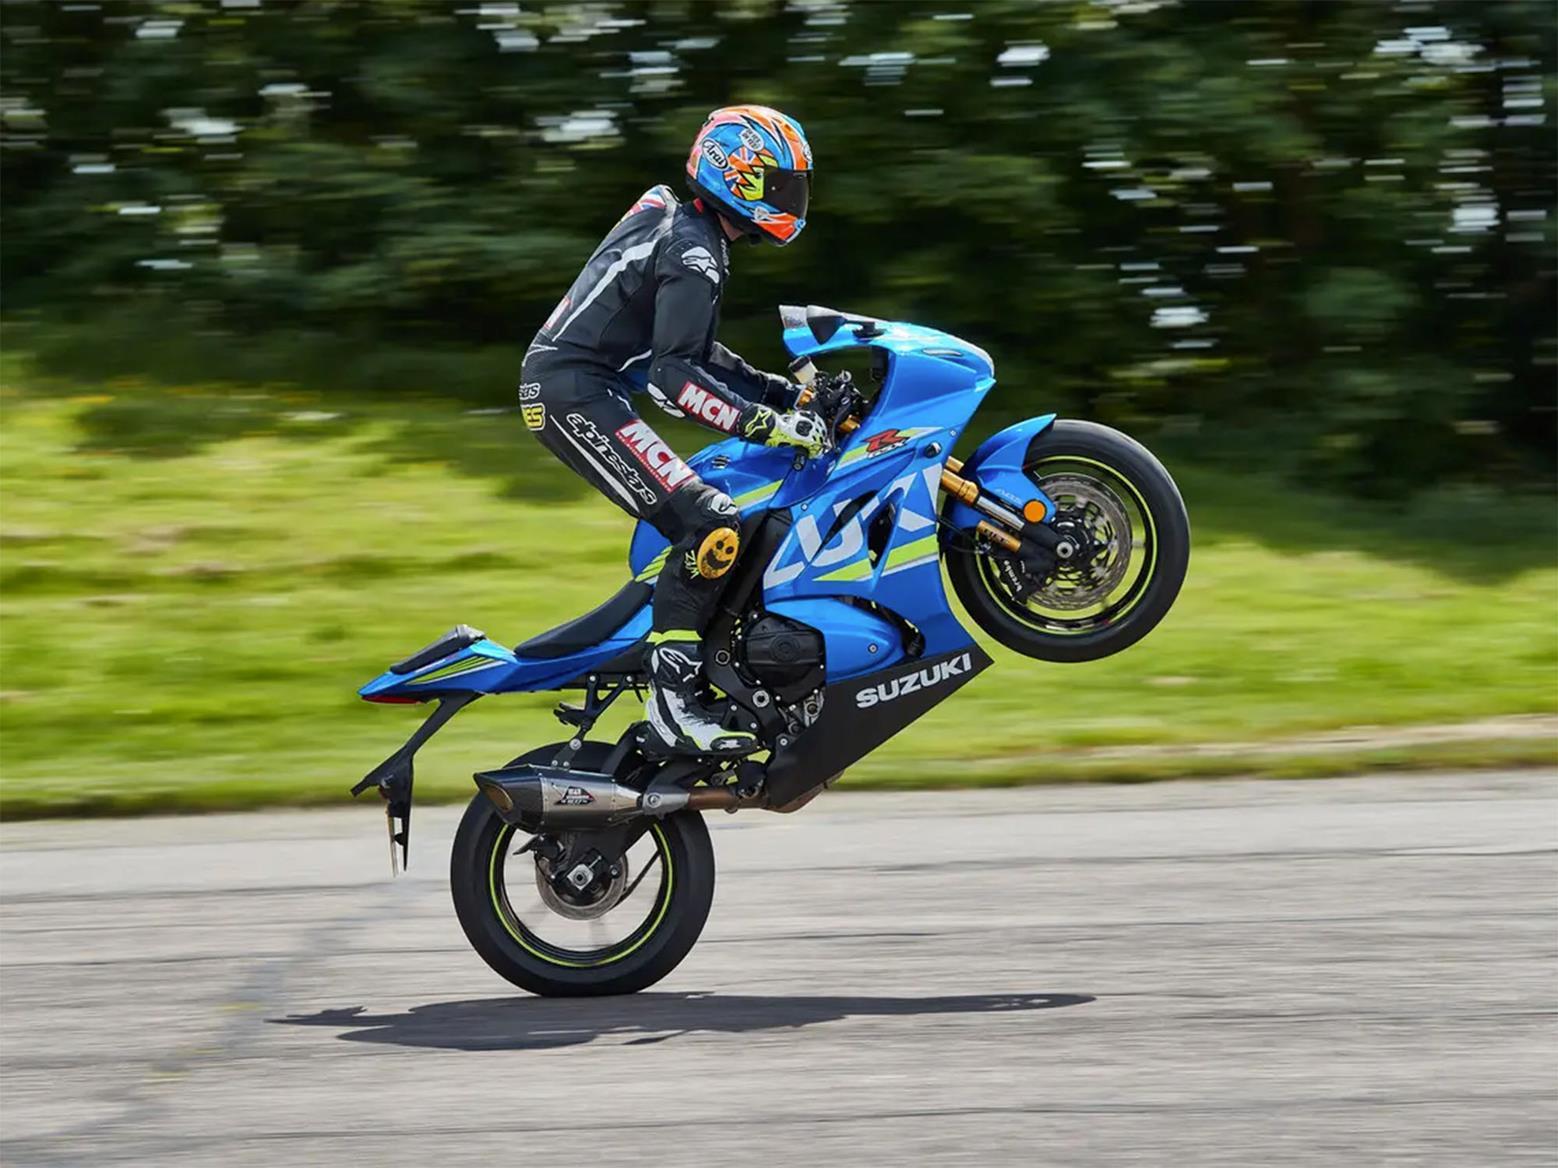 Suzuki GSX-R1000 wheelie